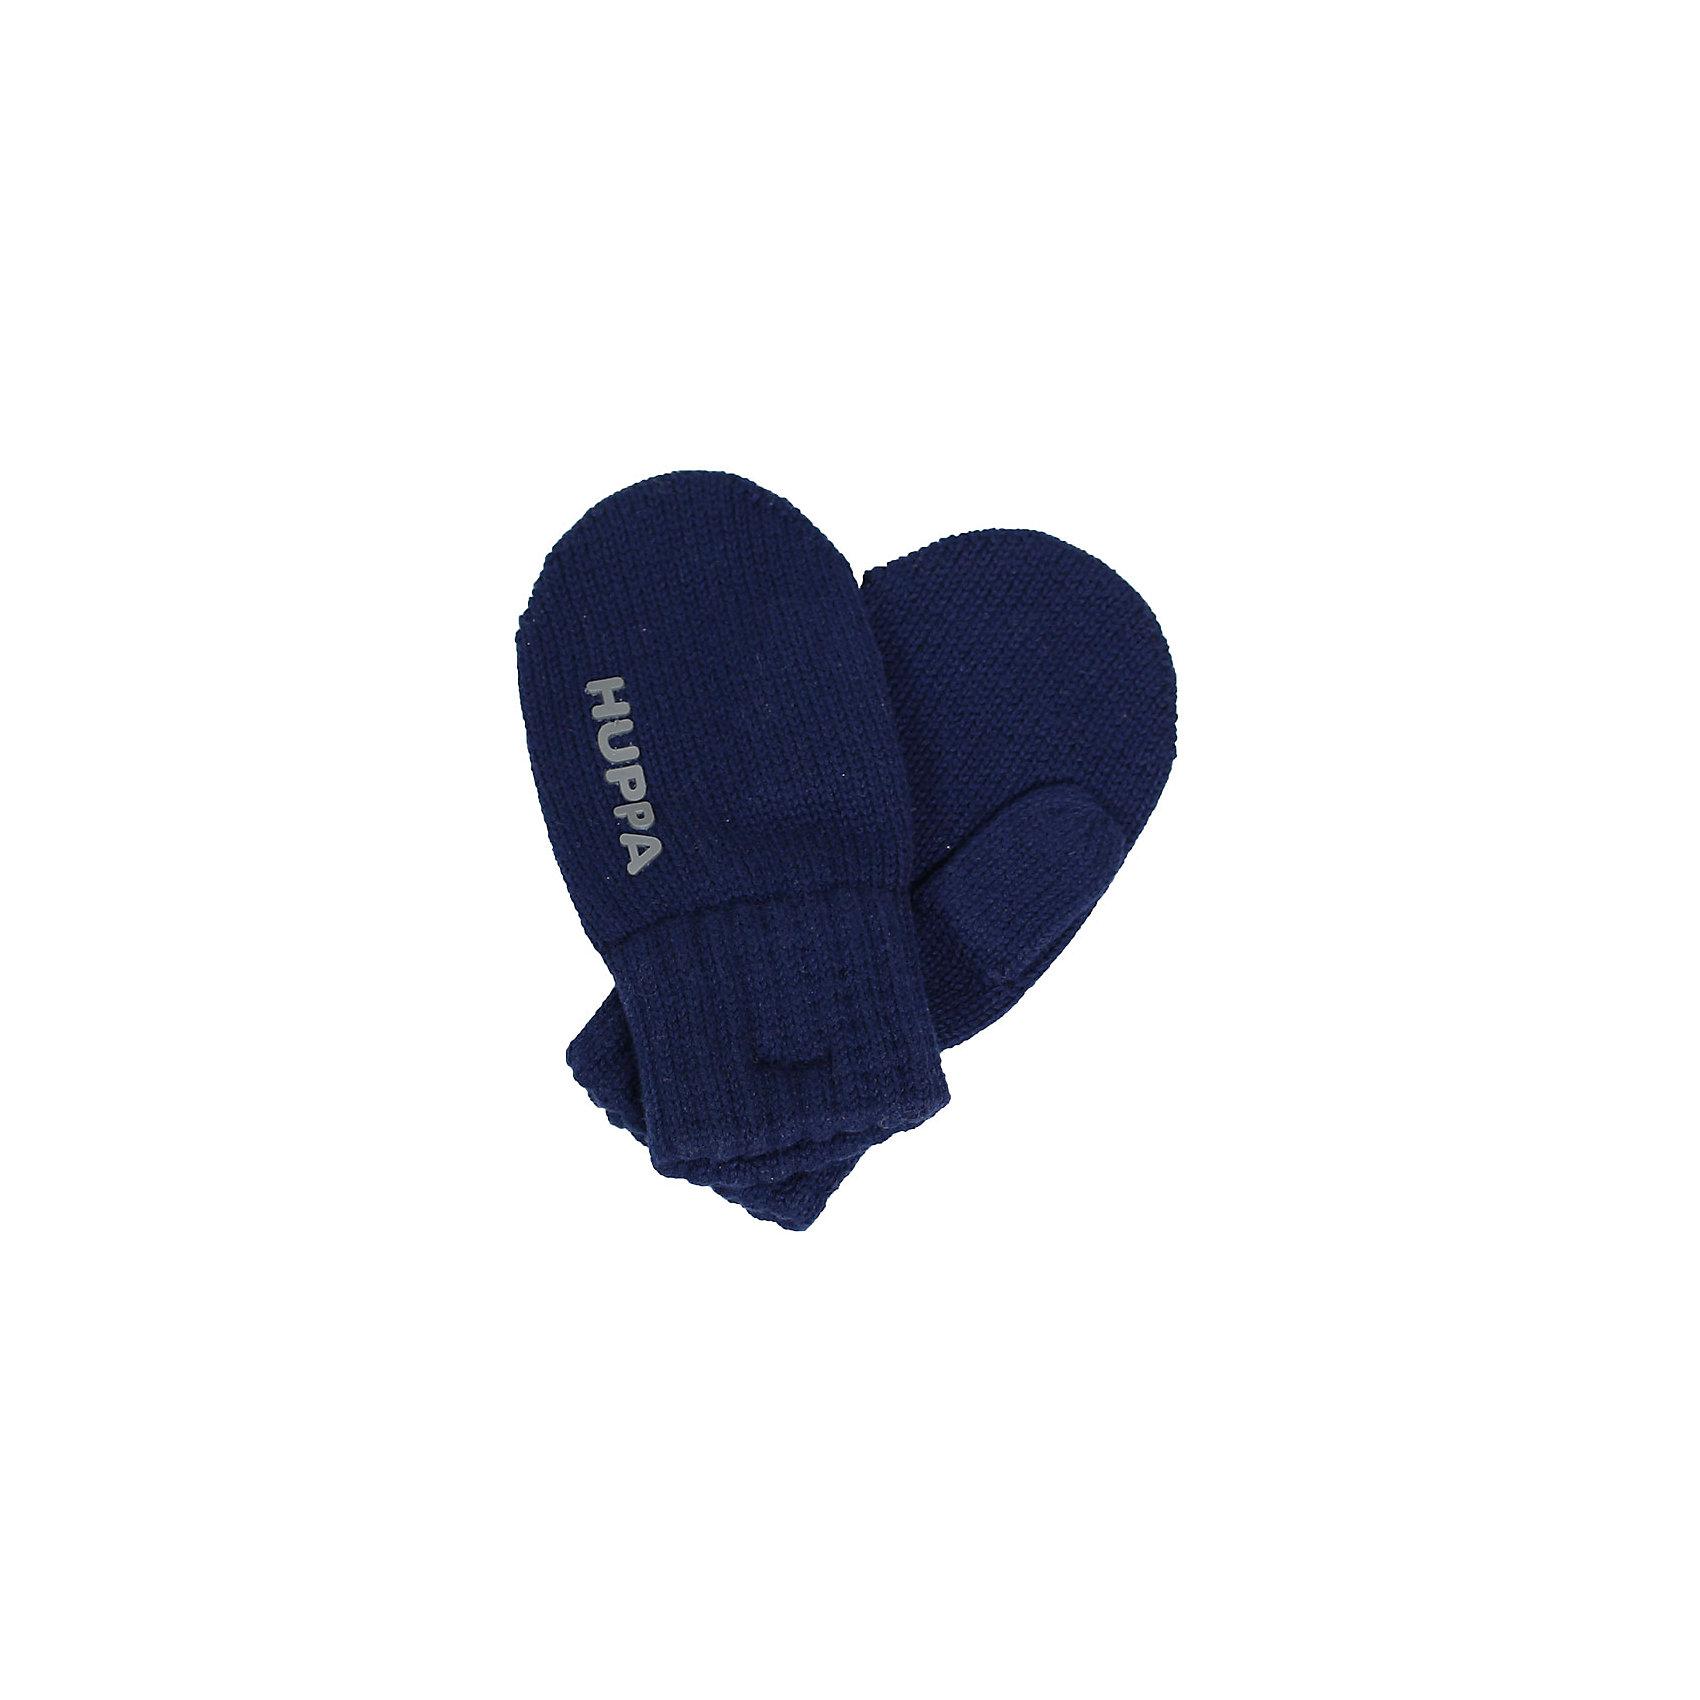 Варежки SKIPPY для мальчика HuppaПерчатки, варежки<br>Характеристики товара:<br><br>• цвет: тёмно-синий<br>• состав: 100% хлопок<br>• температурный режим: от 0°С до +10°С<br>• мягкая пряжа<br>• логотип<br>• широкая мягкая резинка<br>• комфортная посадка<br>• страна бренда: Эстония<br><br>Эти варежки обеспечат детям тепло и комфорт в межсезонье. Они сделаны из мягкого дышащего хлопкового материала, поэтому изделие идеально подходит для межсезонья. Варежки очень симпатично смотрятся. Модель была разработана специально для детей.<br><br>Одежда и обувь от популярного эстонского бренда Huppa - отличный вариант одеть ребенка можно и комфортно. Вещи, выпускаемые компанией, качественные, продуманные и очень удобные. Для производства изделий используются только безопасные для детей материалы. Продукция от Huppa порадует и детей, и их родителей!<br><br>Варежки SKIPPY от бренда Huppa (Хуппа) можно купить в нашем интернет-магазине.<br><br>Ширина мм: 162<br>Глубина мм: 171<br>Высота мм: 55<br>Вес г: 119<br>Цвет: синий<br>Возраст от месяцев: 96<br>Возраст до месяцев: 120<br>Пол: Мужской<br>Возраст: Детский<br>Размер: 4,0,1,2,3<br>SKU: 5347984